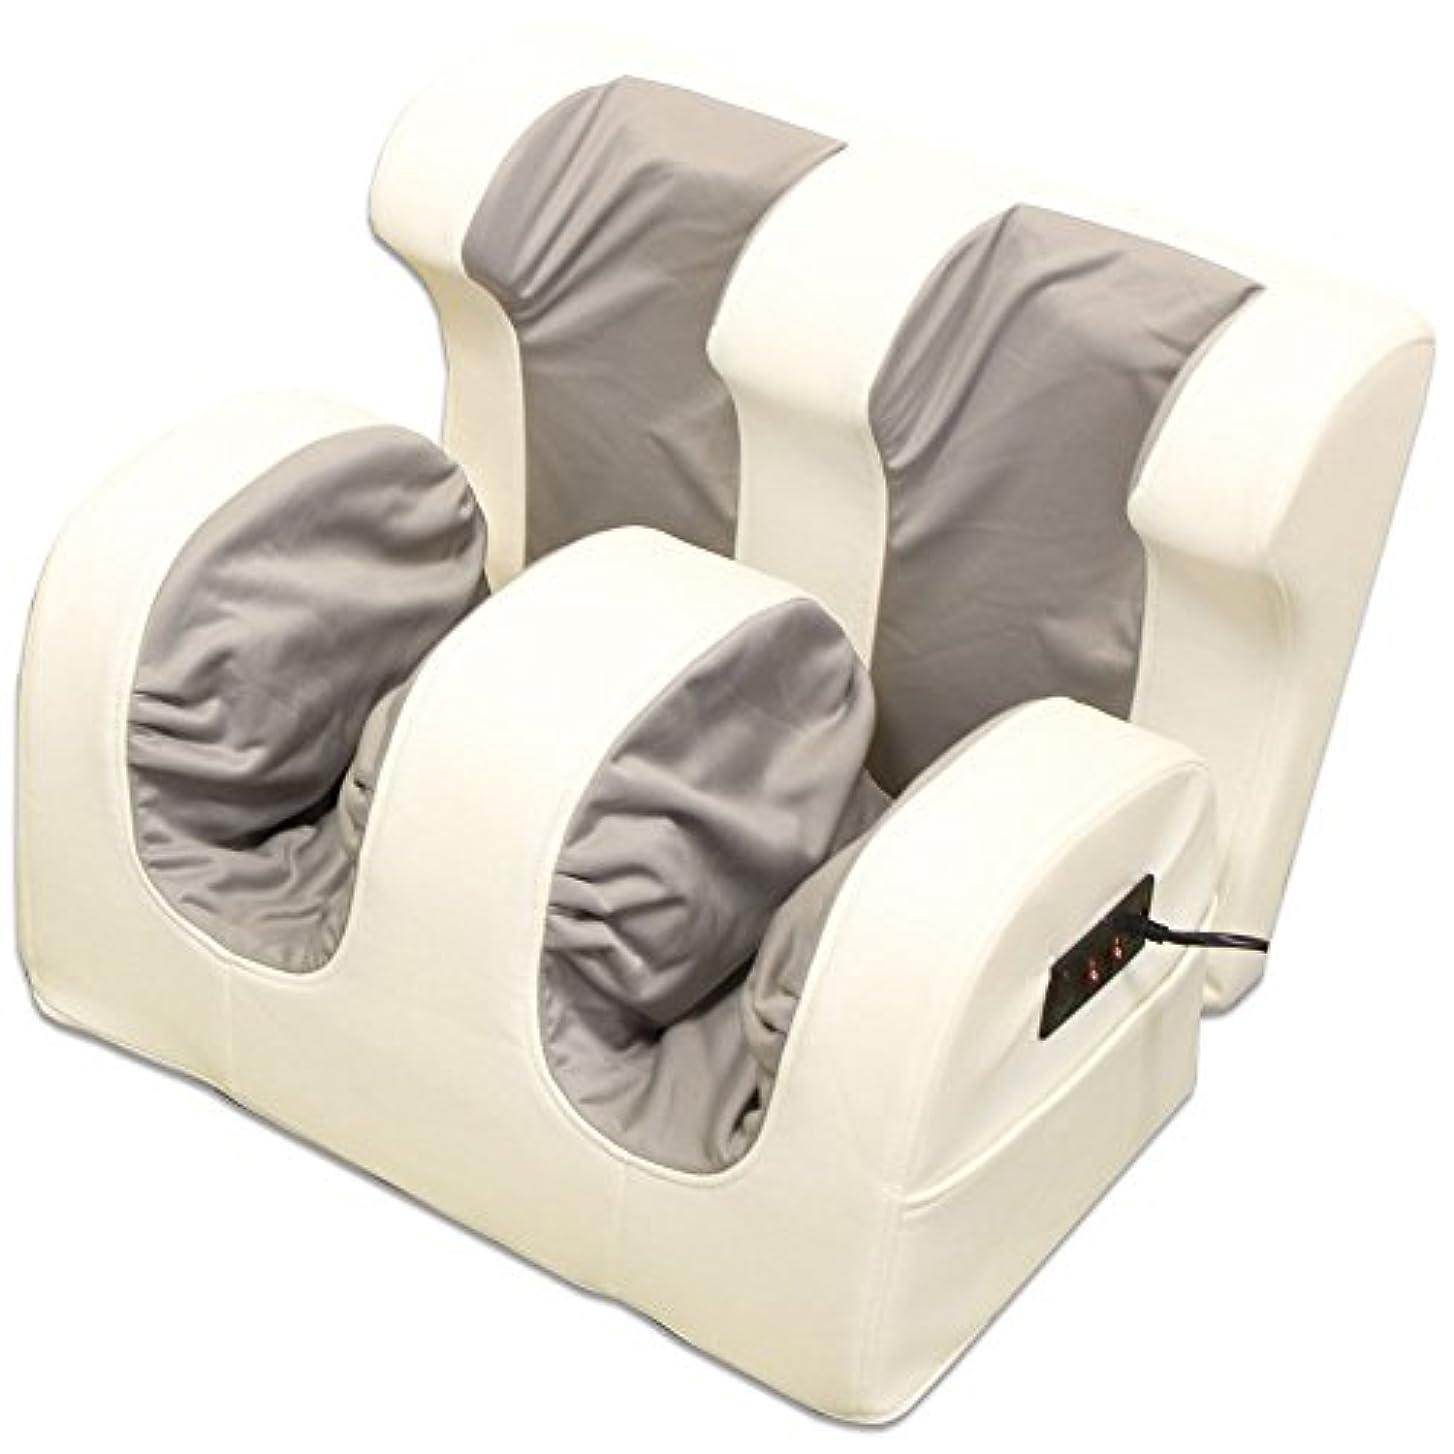 自分自身カリング知る足マッサージ器 ホワイト×グレー ヒーター付き 白 足裏 ふくらはぎ 引き締め 揉み上げ 家庭用 マッサージ機